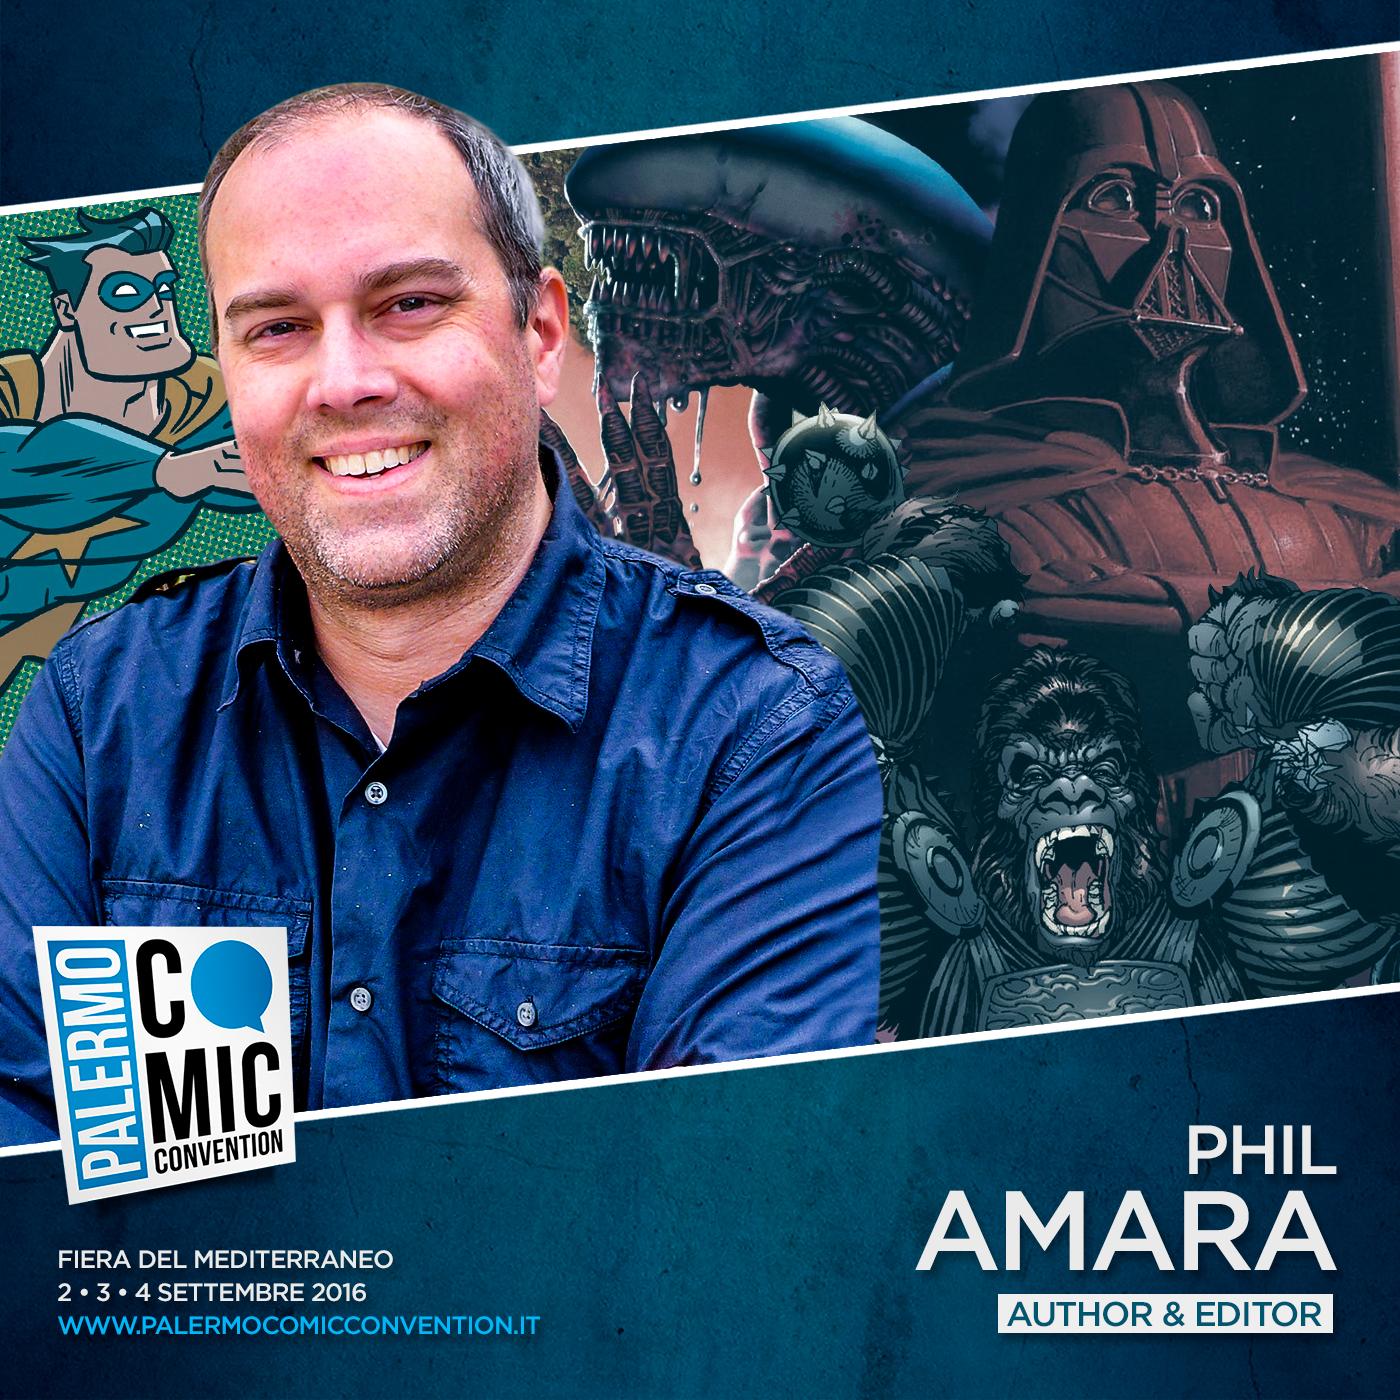 Phil Amara